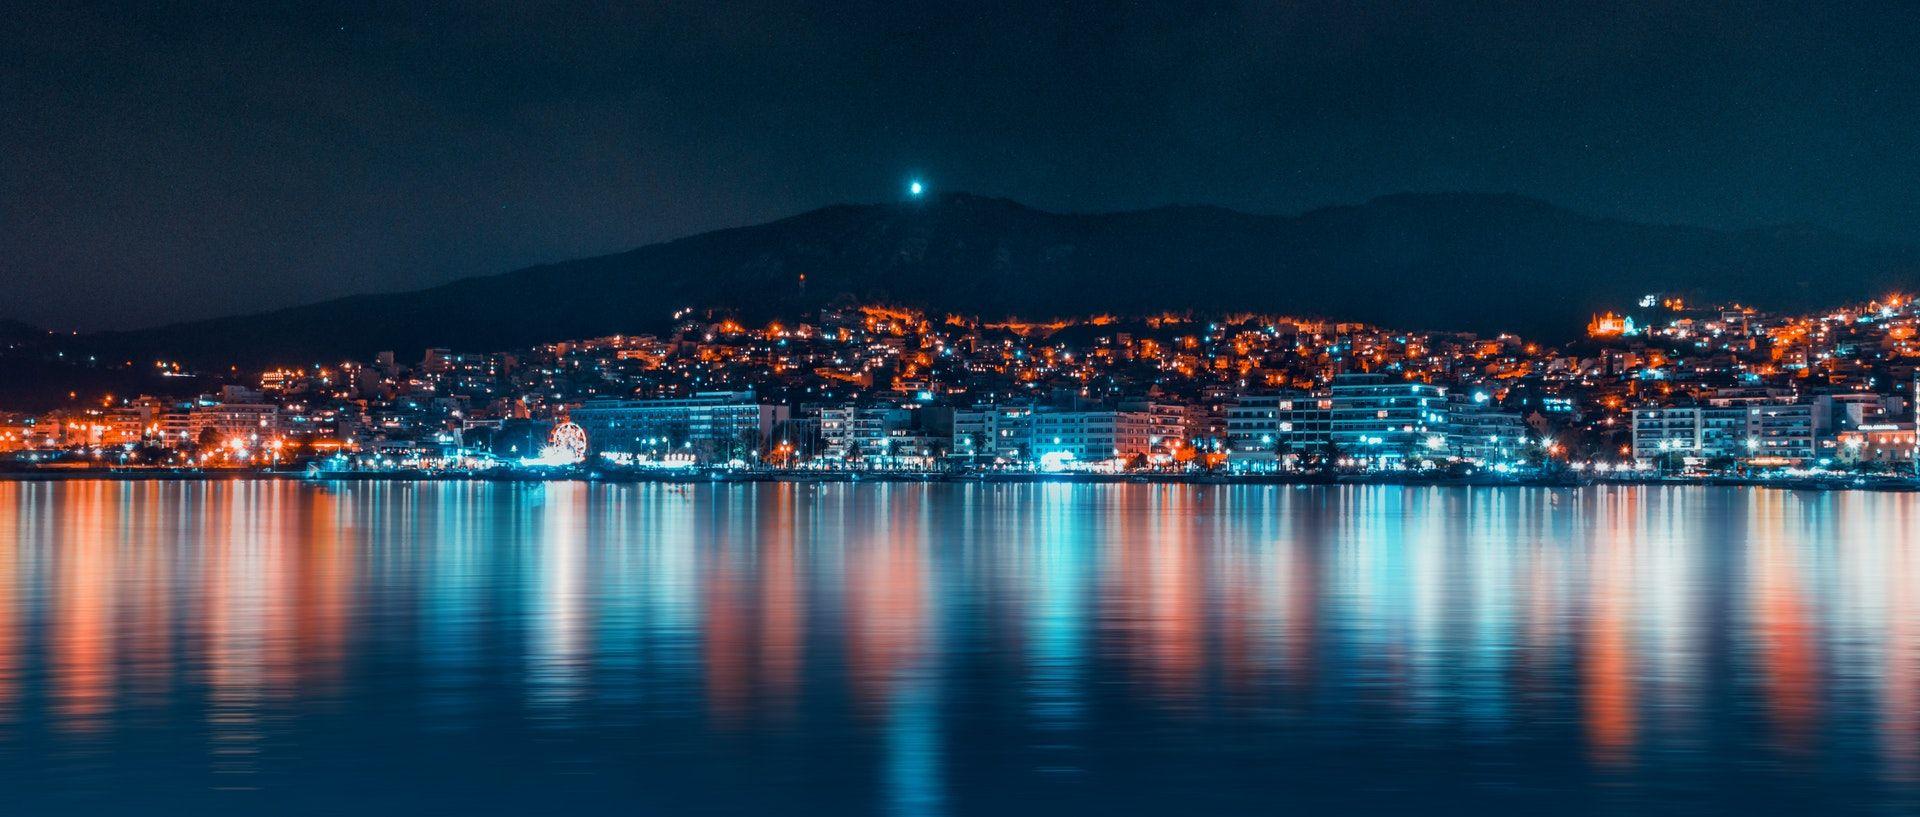 عکس زمینه ساختمان های شهر در نزدیکی آب در شب پس زمینه